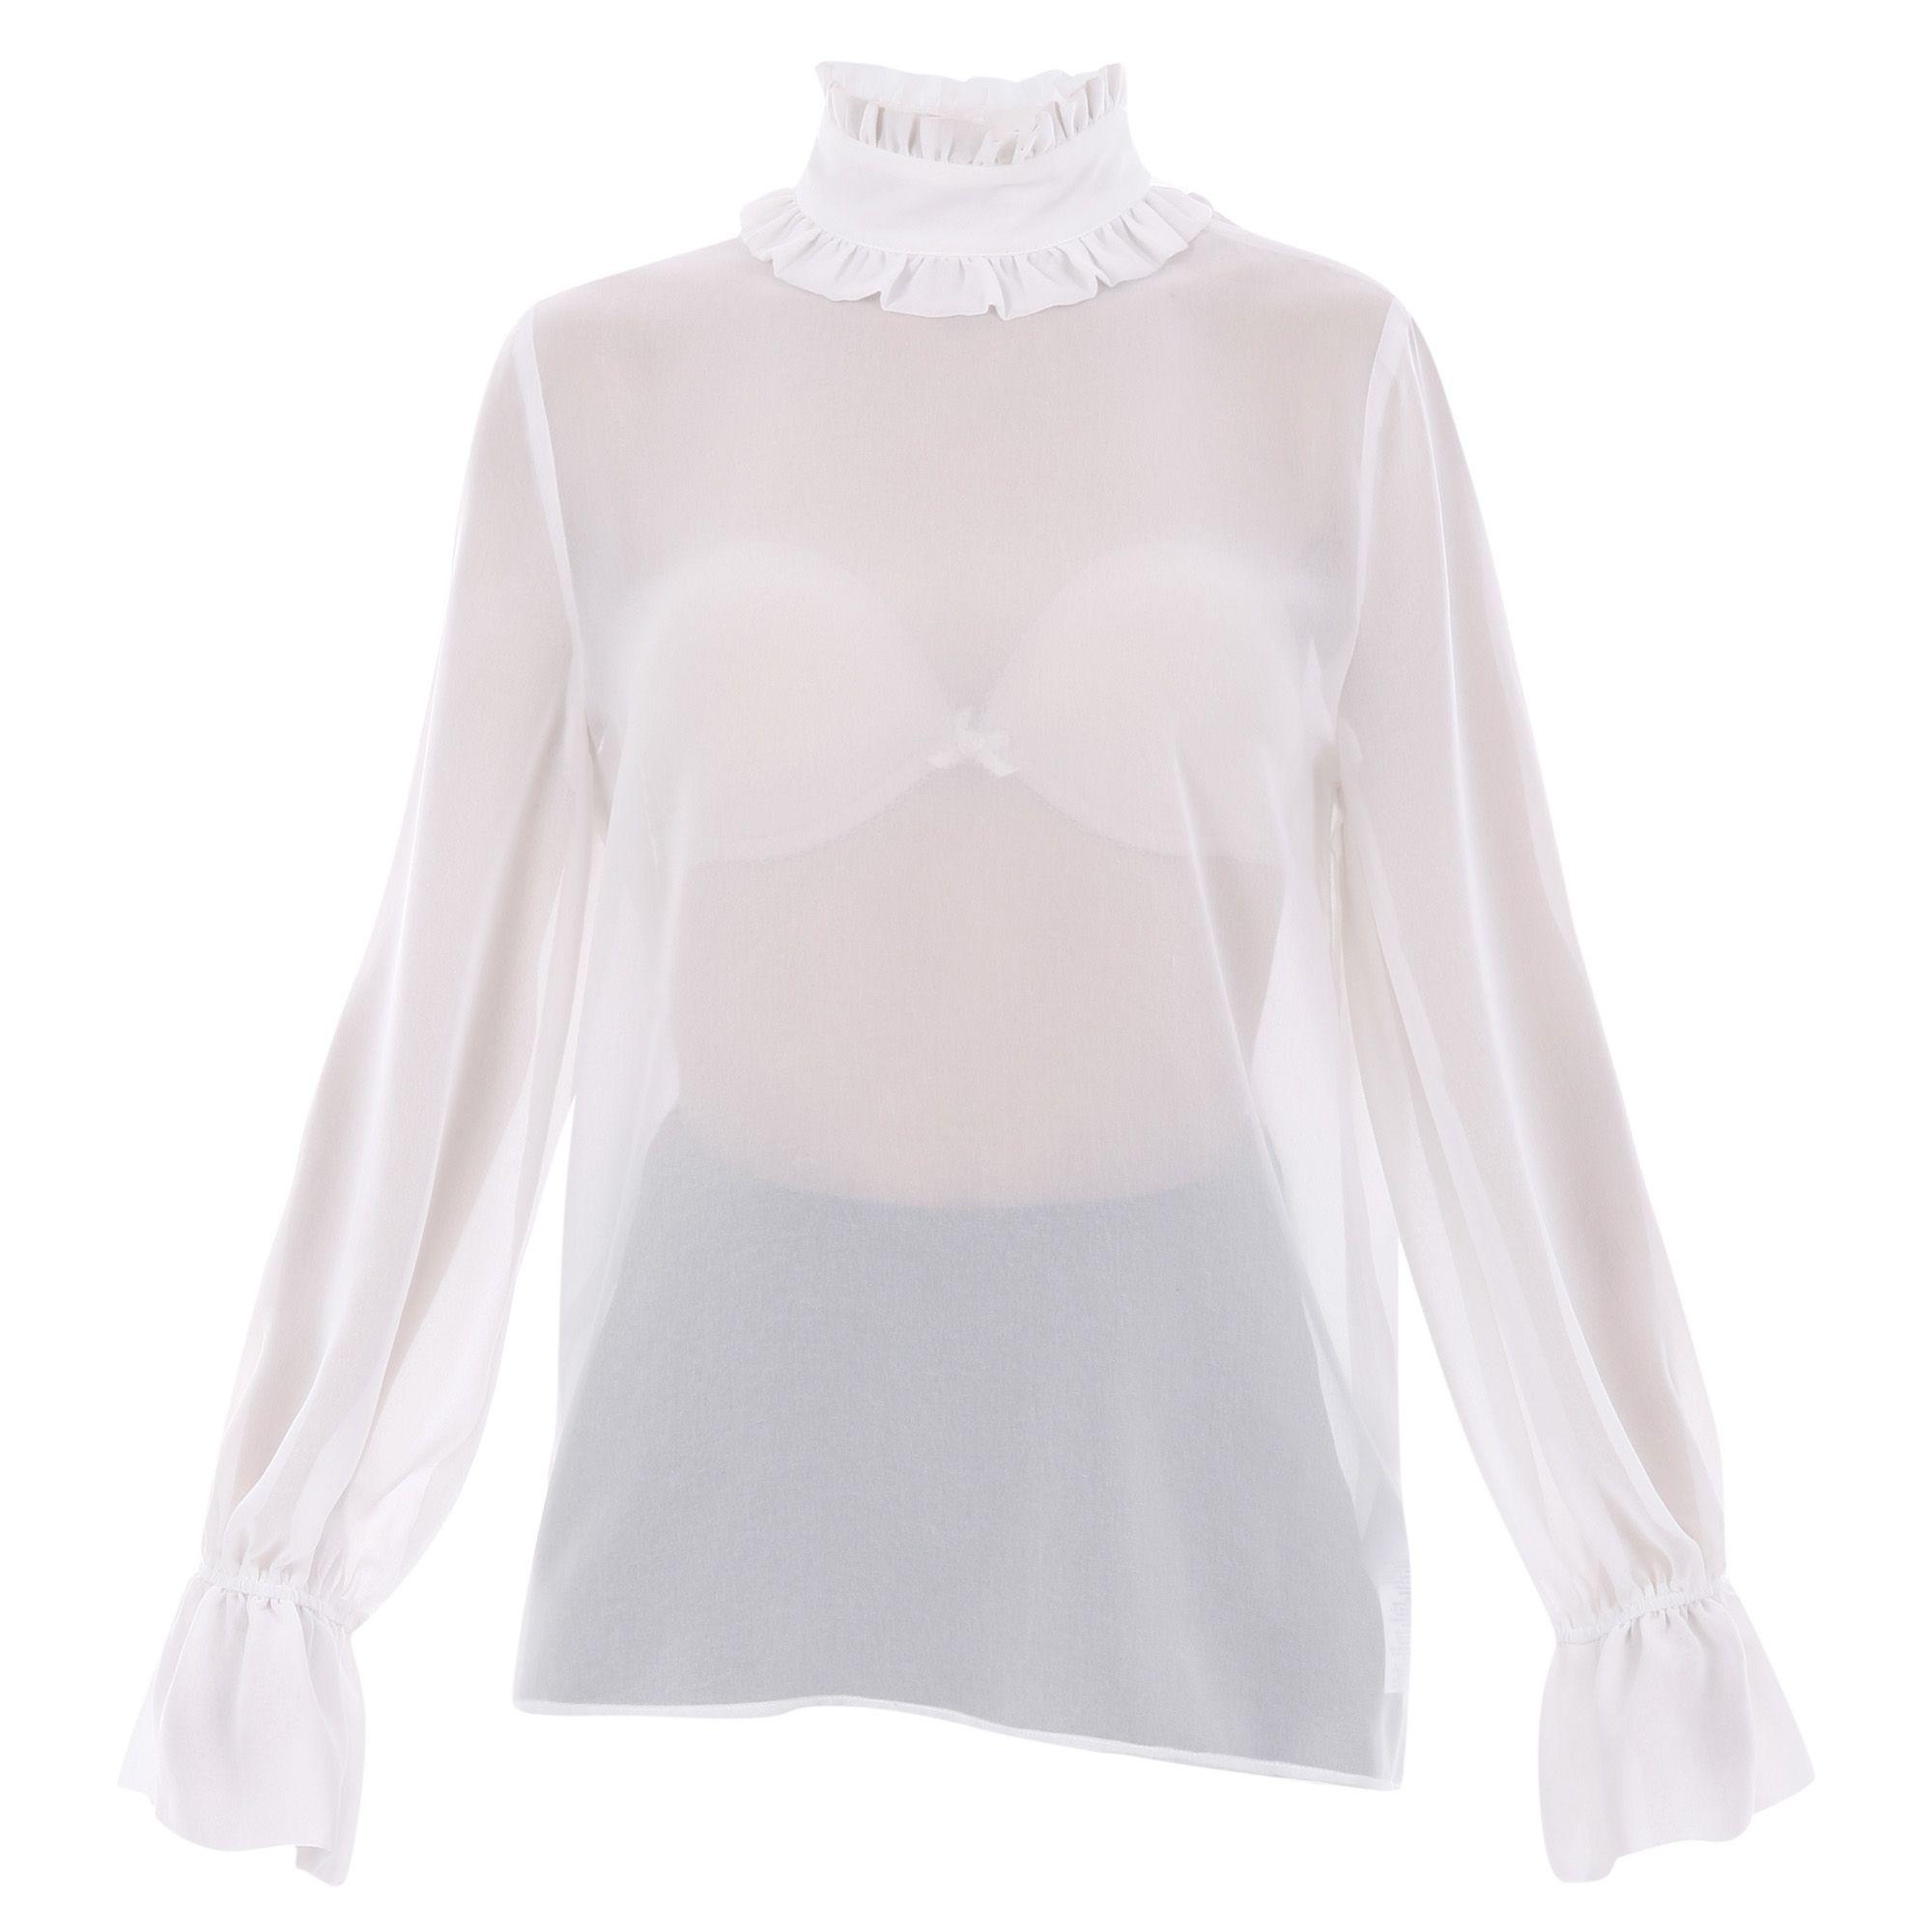 Blugirl Long Sleeved Blouse